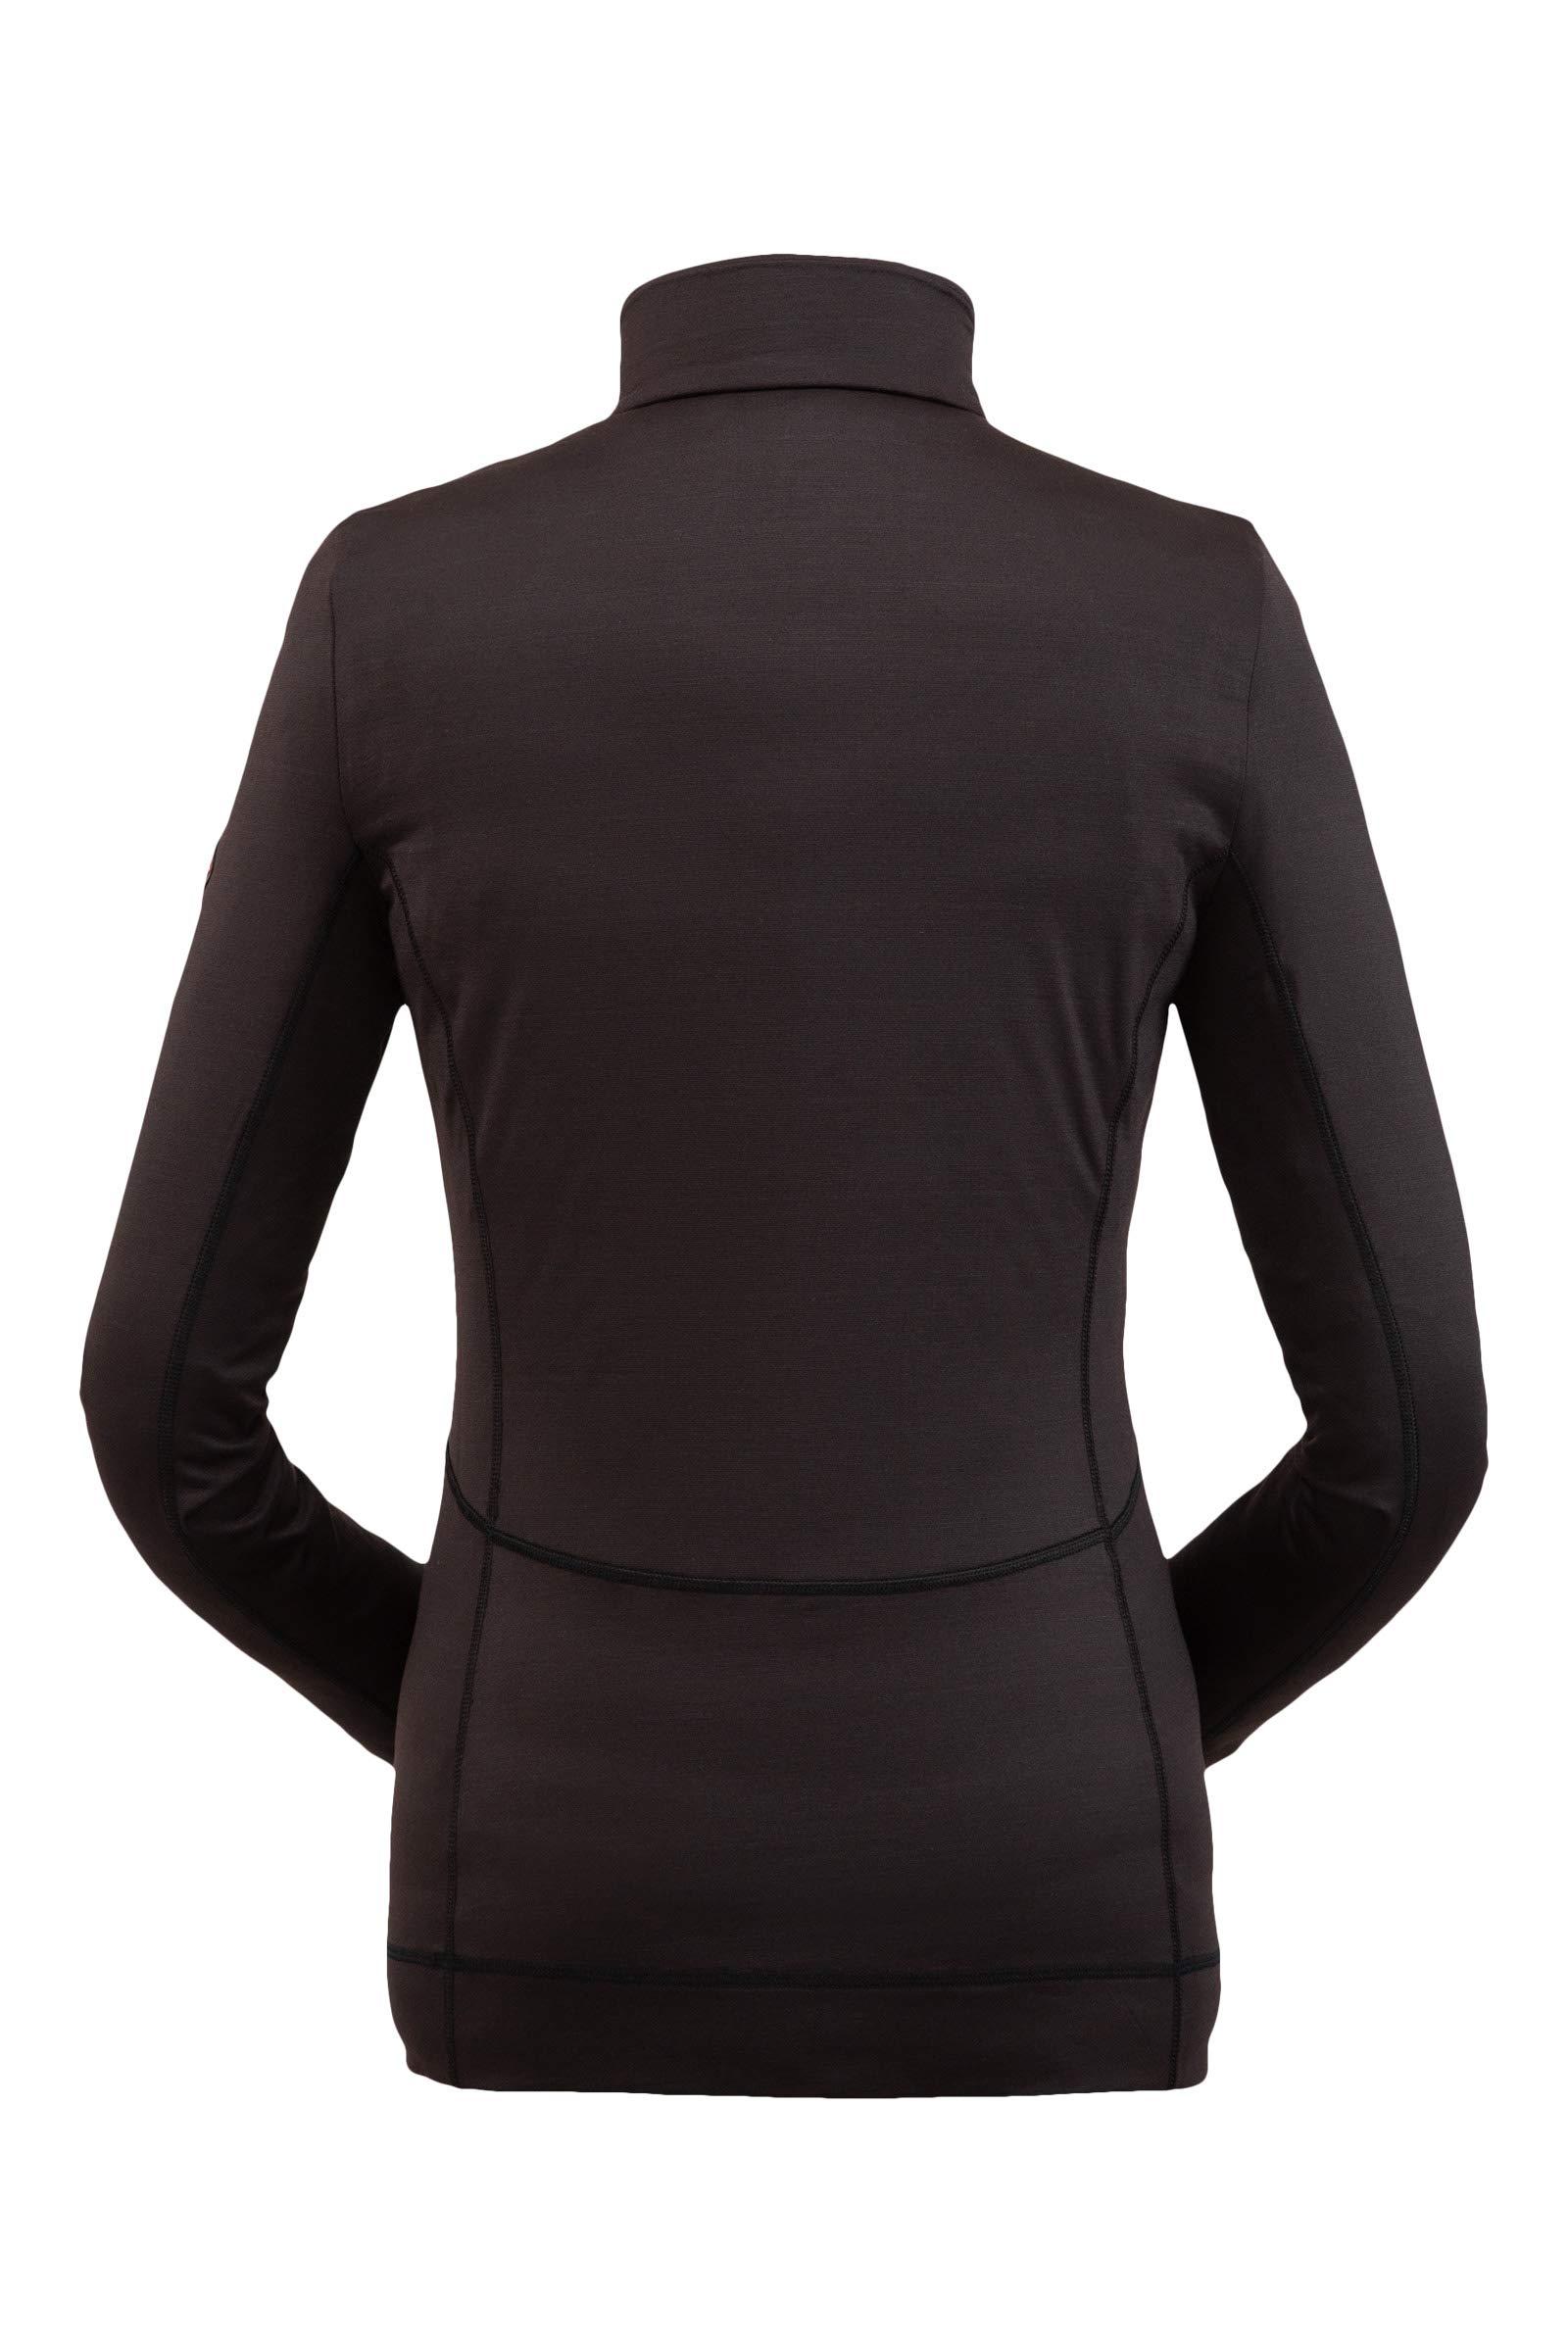 Spyder Women's Savona Zip T-Neck – Ladies Pullover Long Sleeve Active Shirt